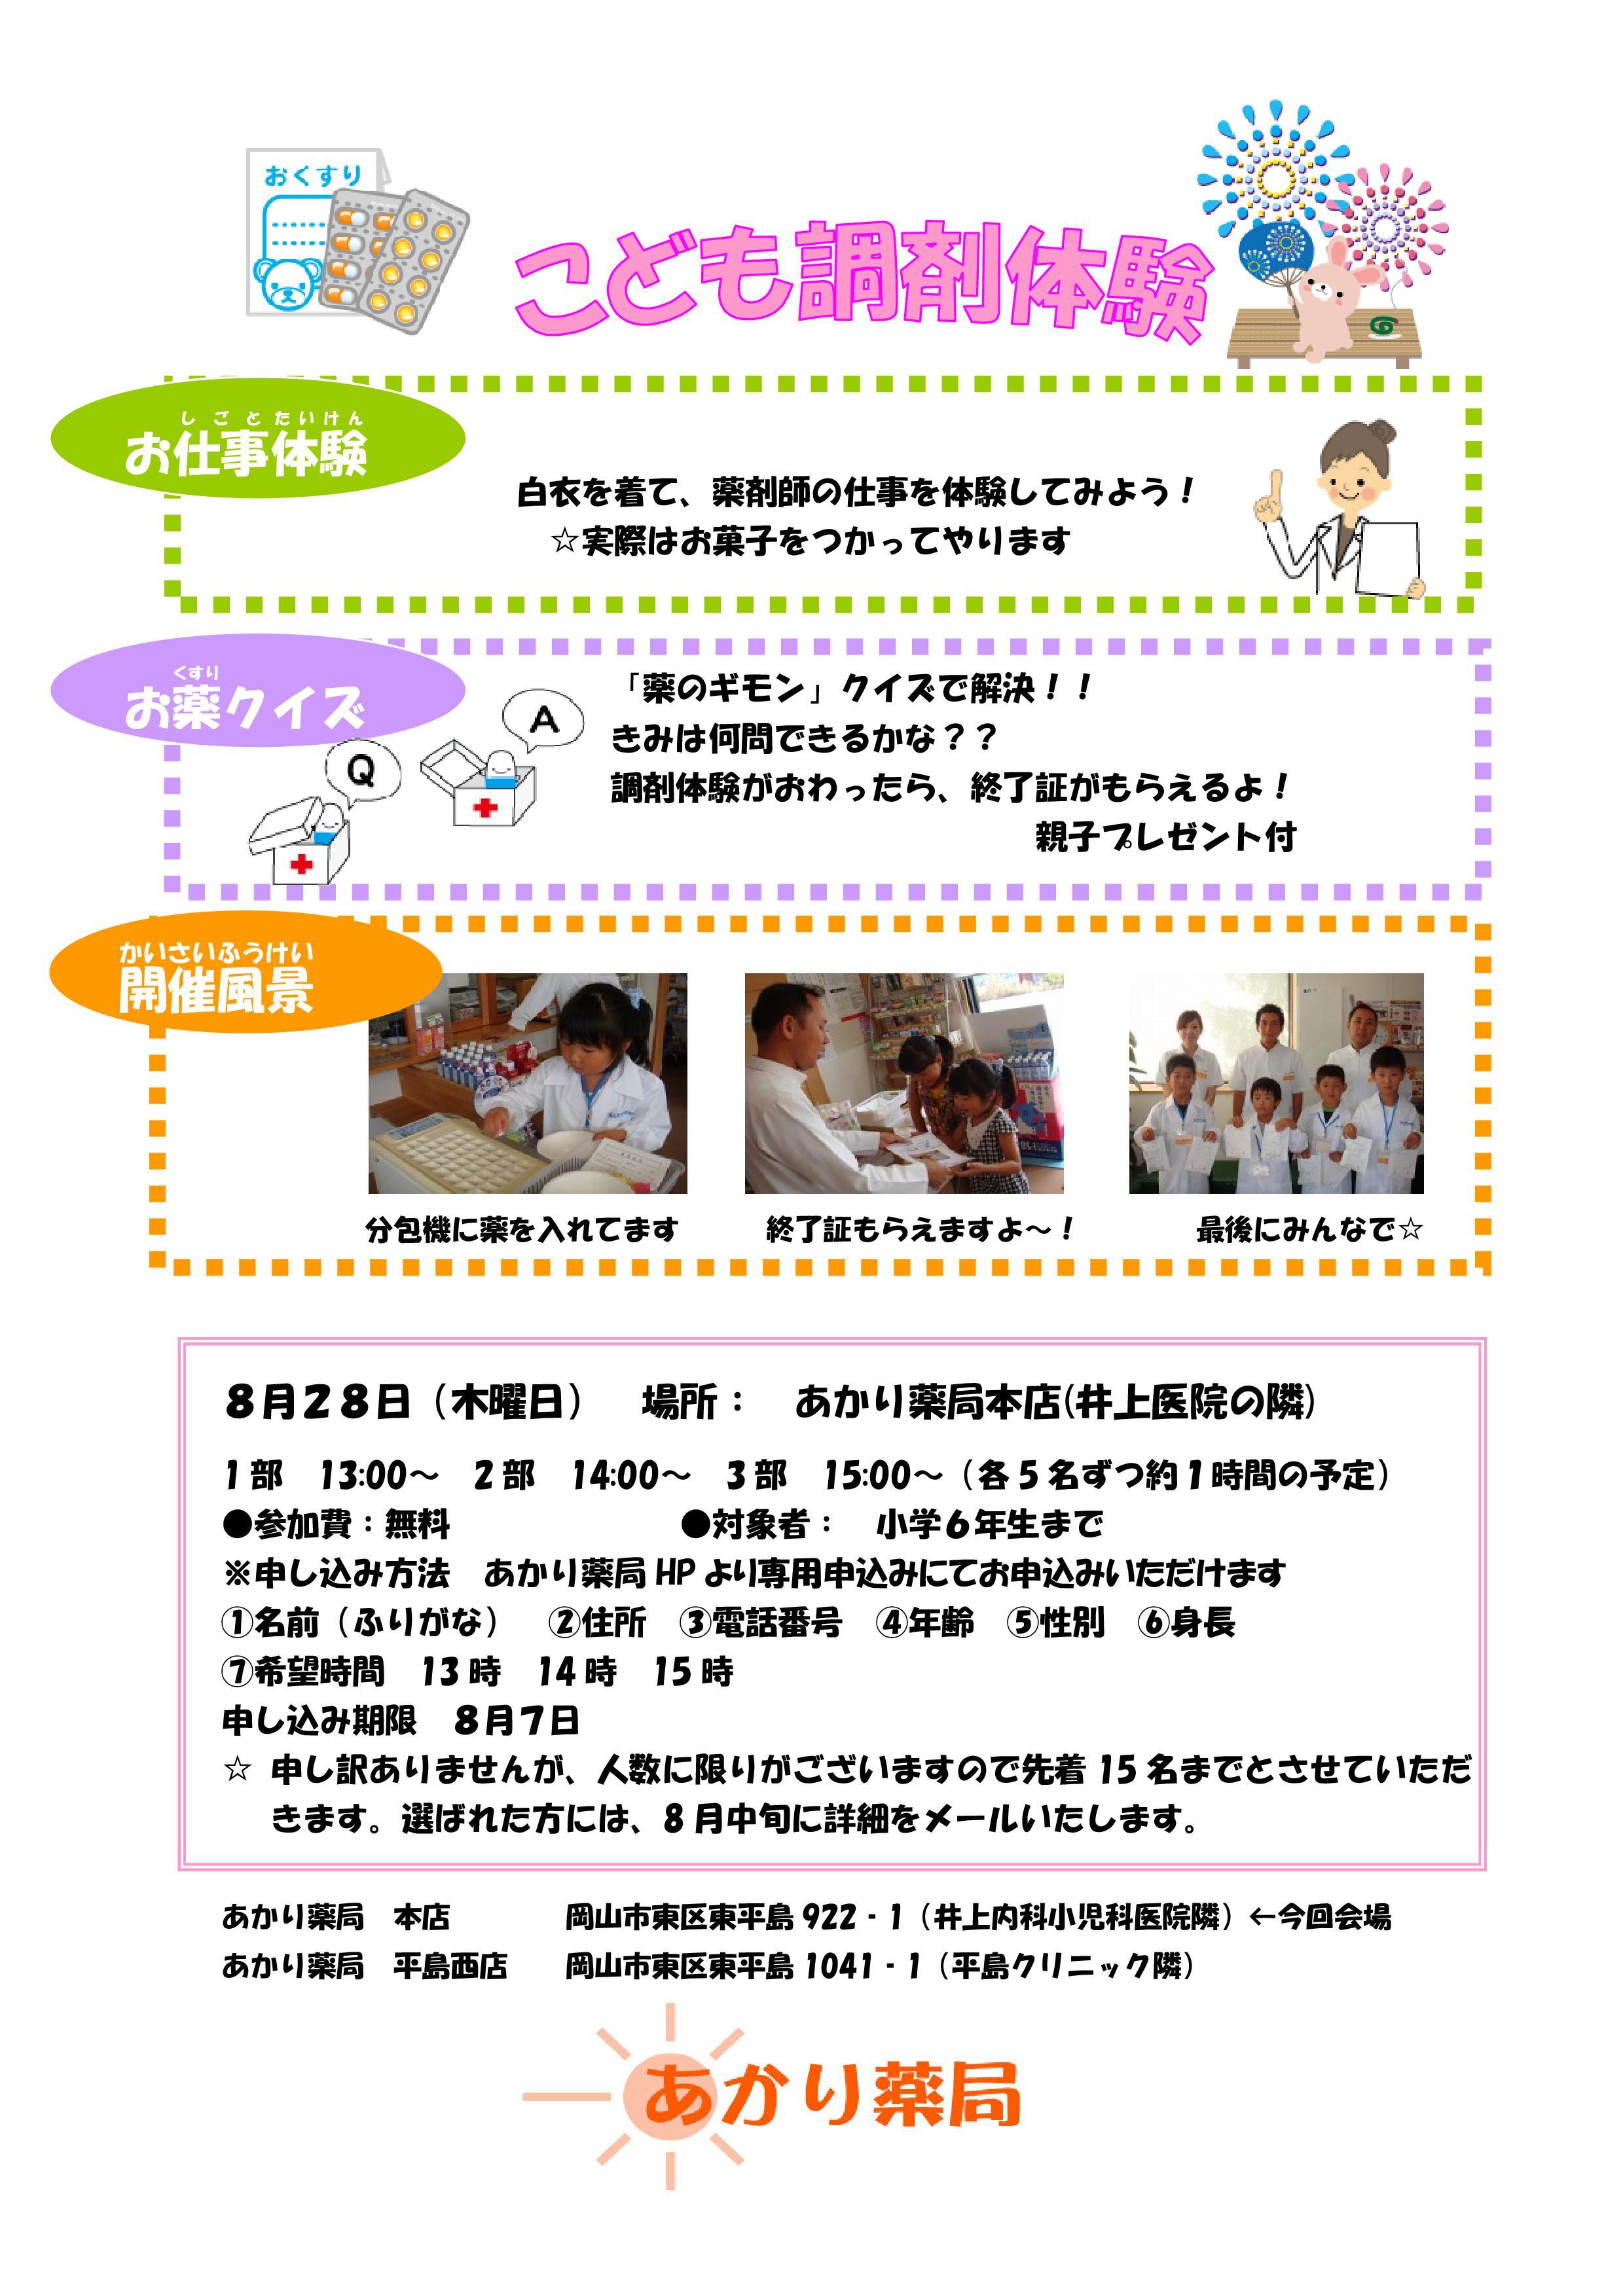 子供調剤2014ポスター